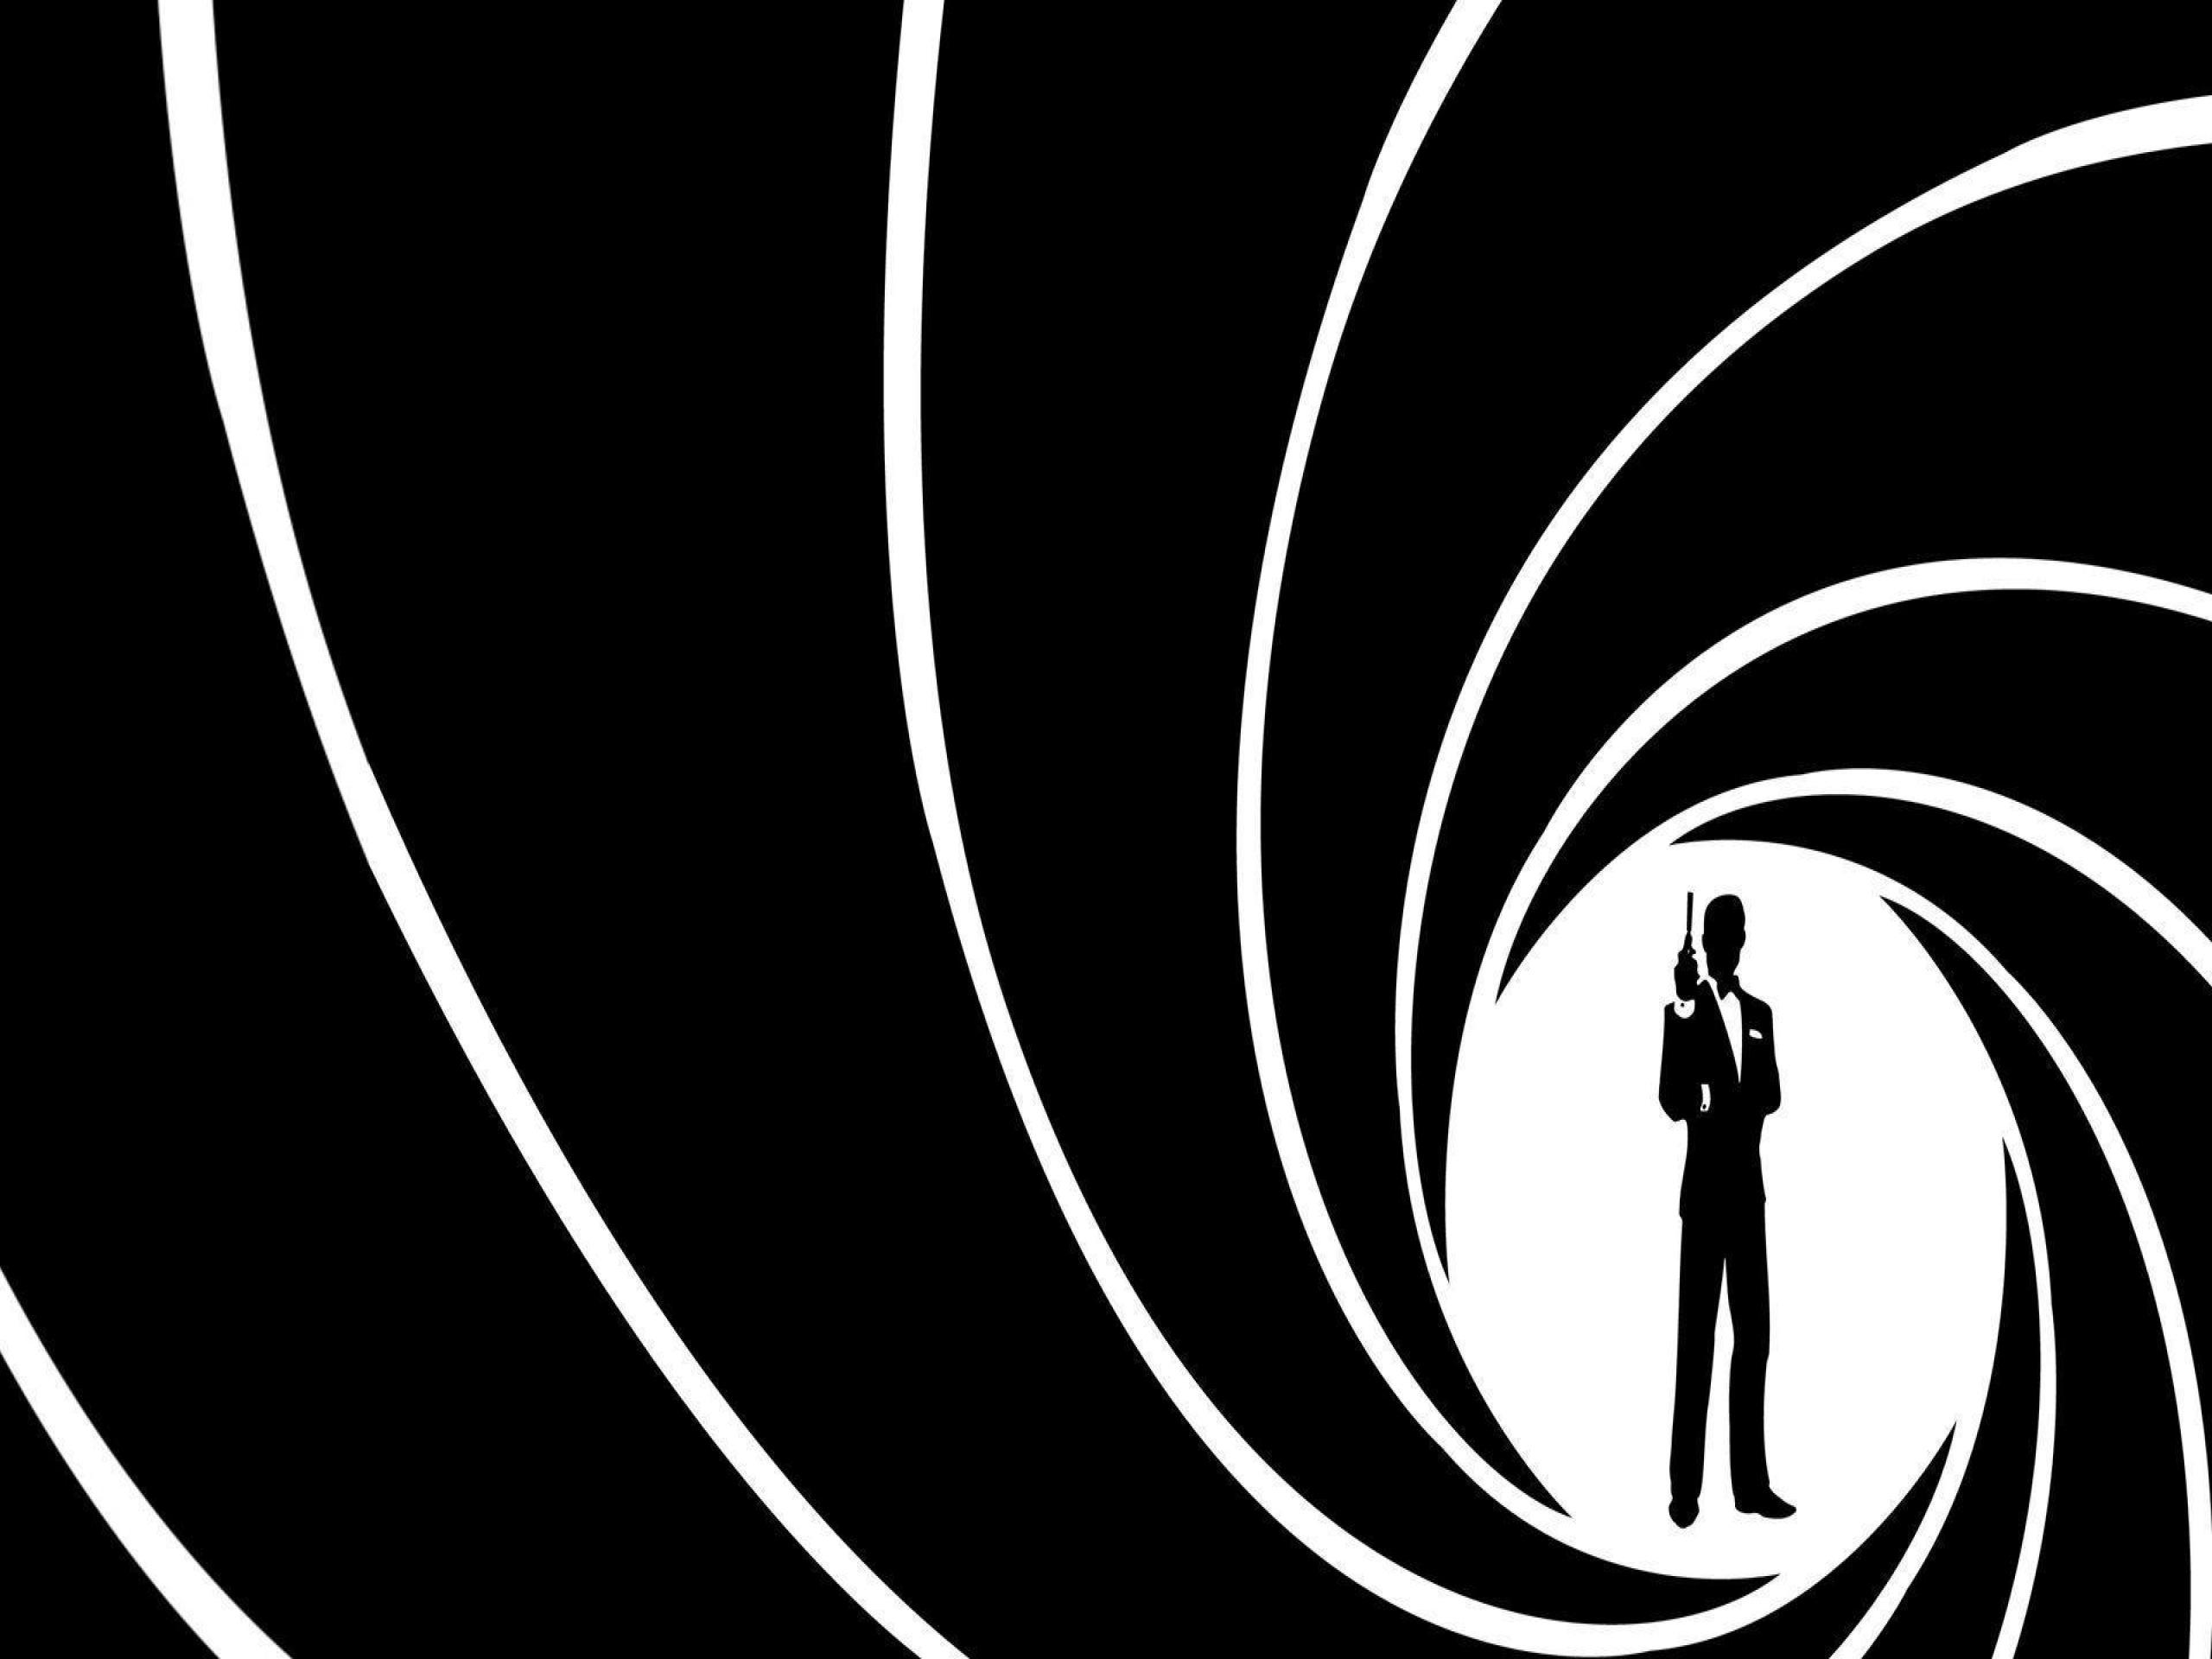 Hình nền đen trắng James Bond cực đẹp